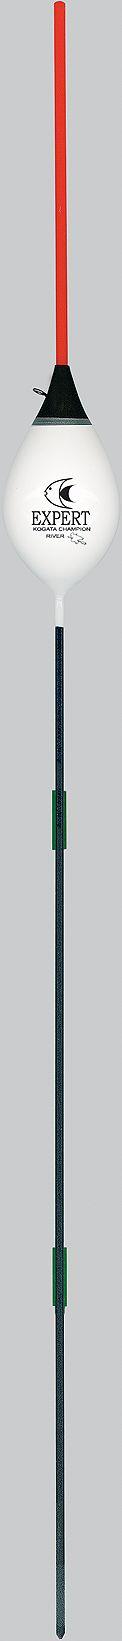 Поплавок EXPERT 202-44 (3,0gr) (24см) (5шт)Поплавки<br>спортивные поплавки с двумя точками крепления, <br>с карбоновым килем и тонкой антеннкой<br>